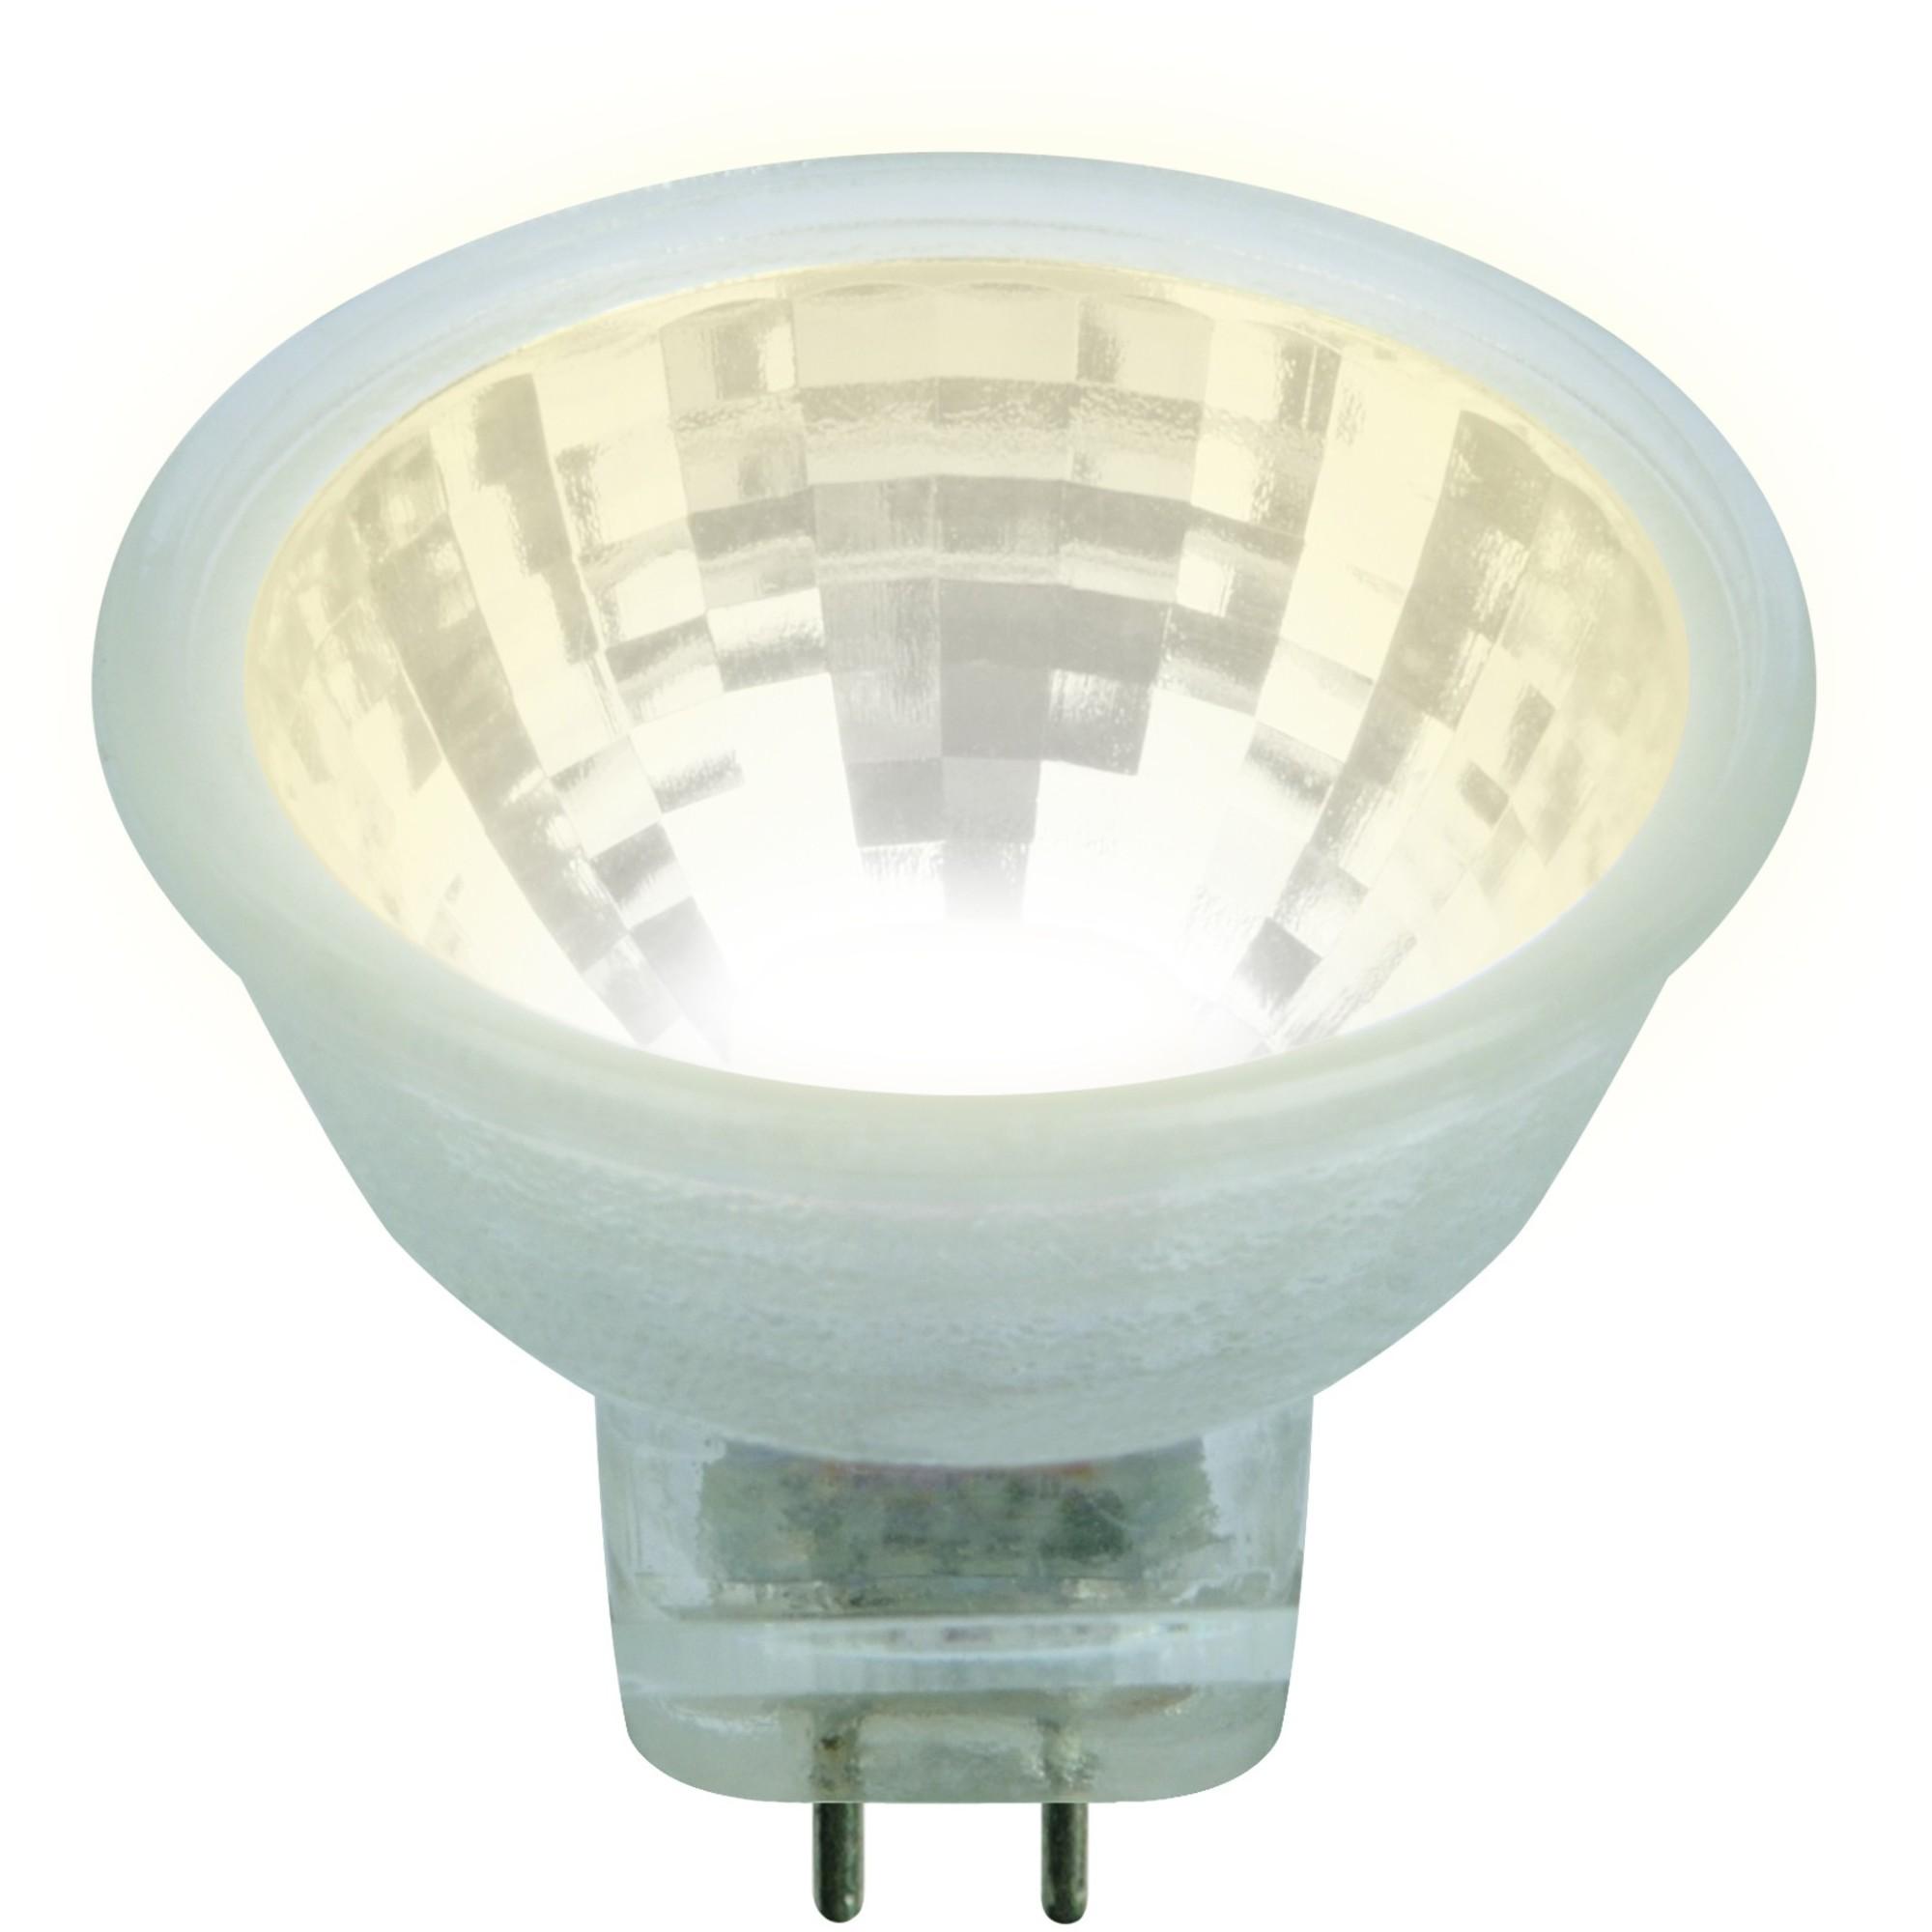 Лампа светодиодная Uniel GU4 3 Вт 200 Лм свет тёплый белый